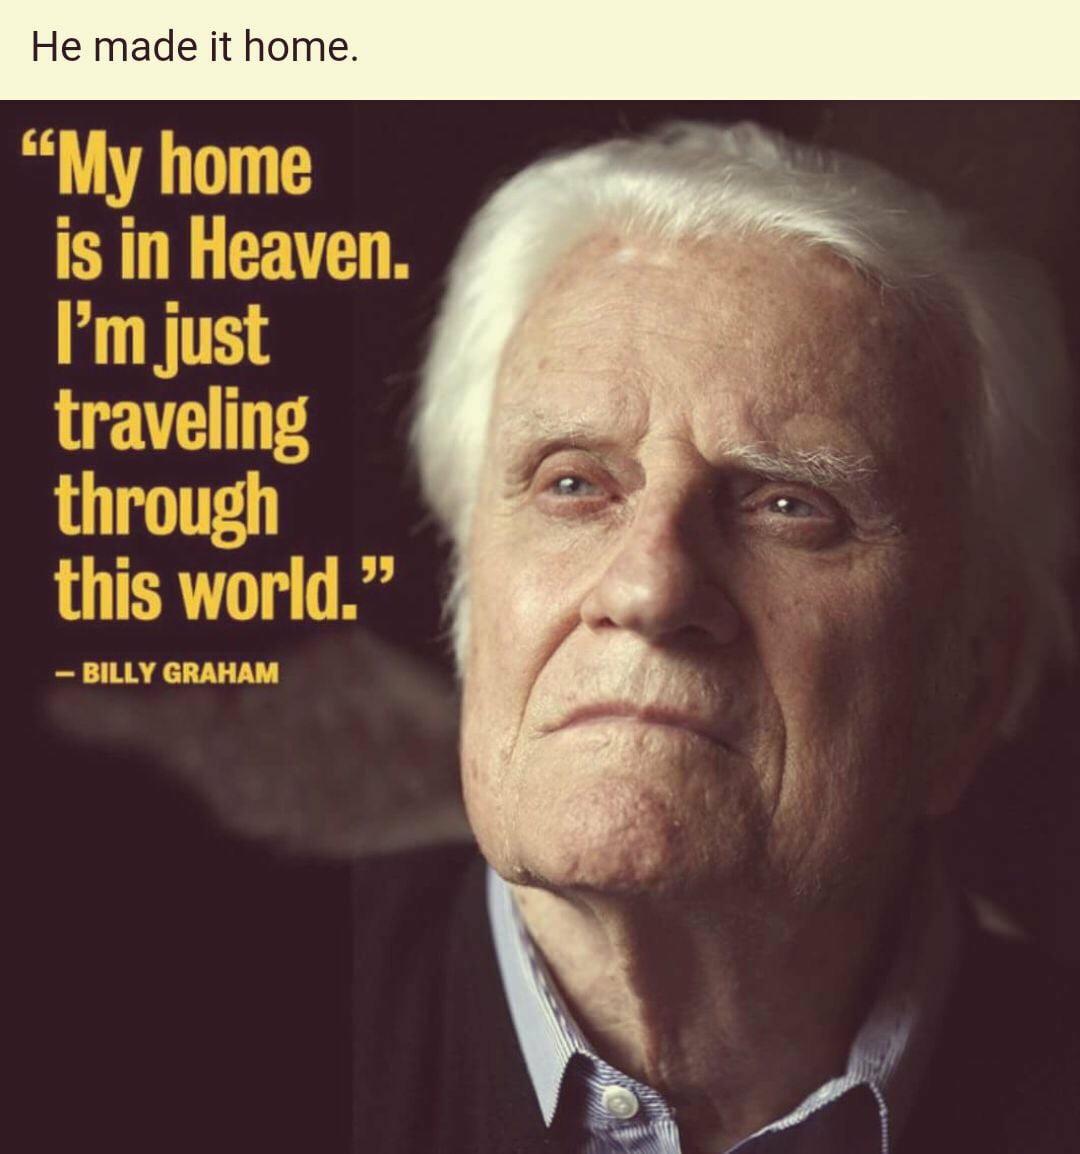 Viorel Iuga: Billy Graham a plecat acolo unde şi-a asigurat locul. El s-a mutat pe tărâmul veşnic